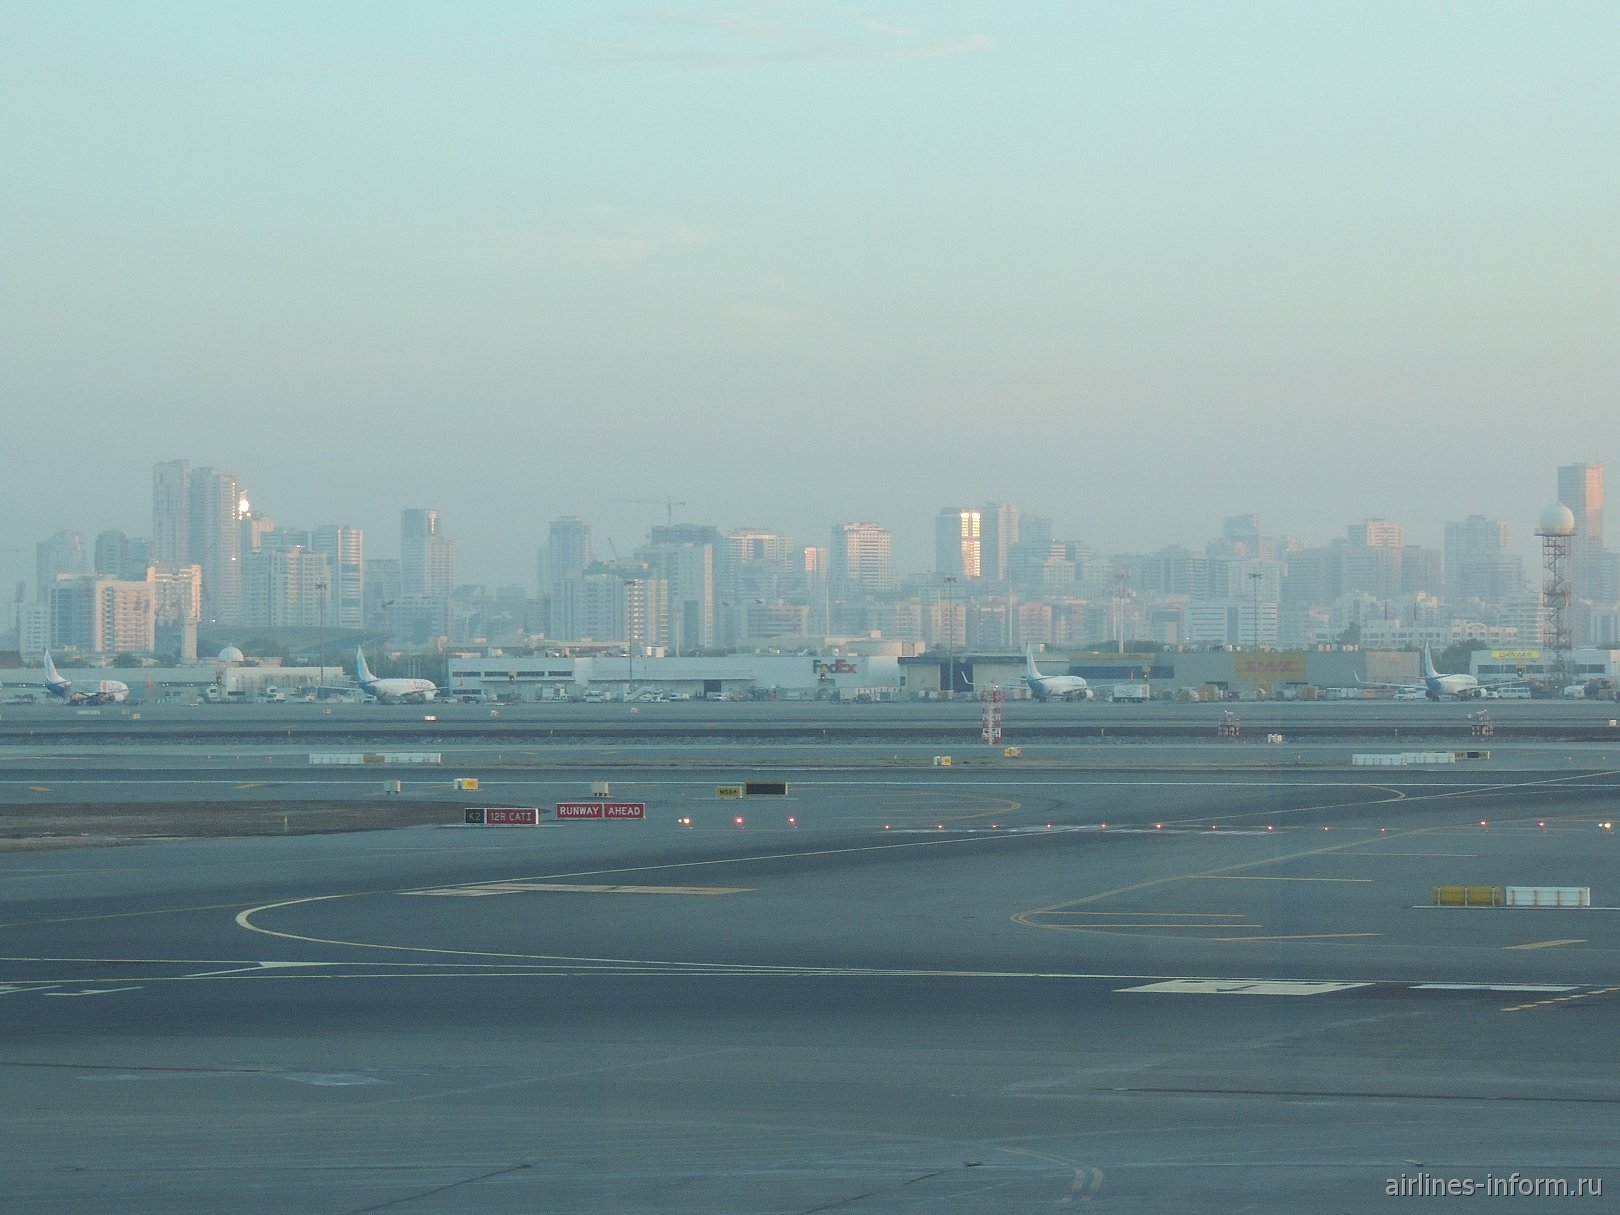 Летное поле аэропорта Дубай